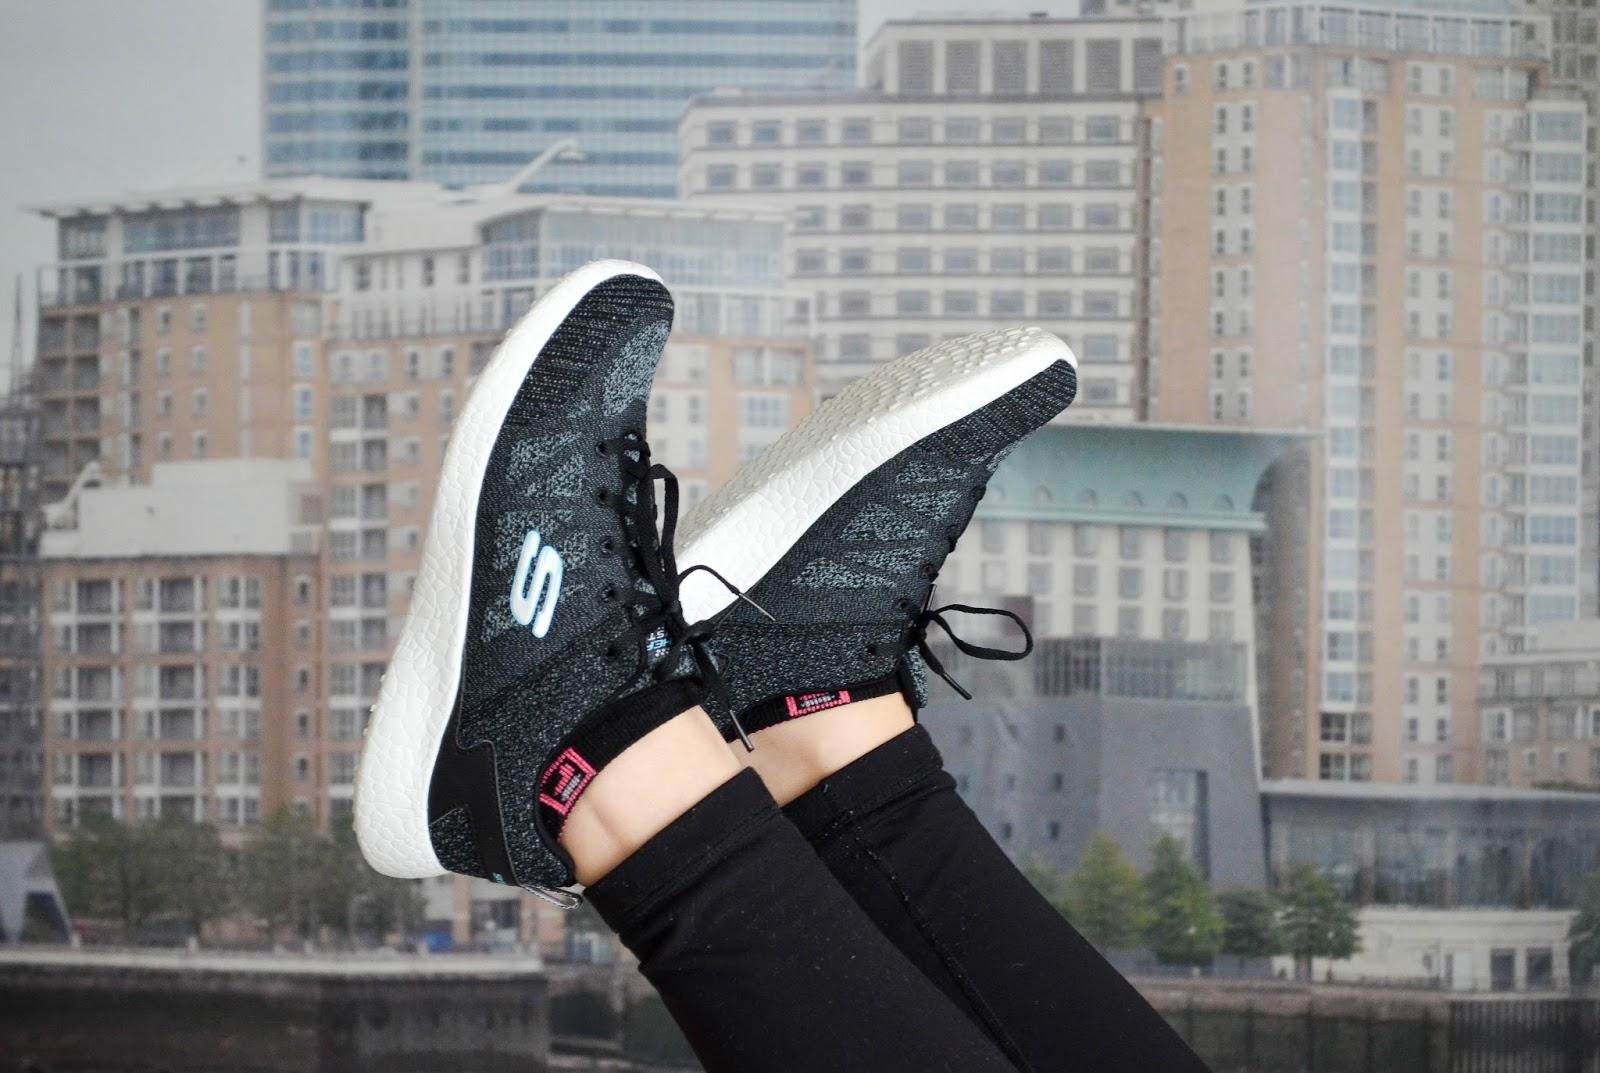 SKECHERS Demi Lovato Burst sneakers in black and white